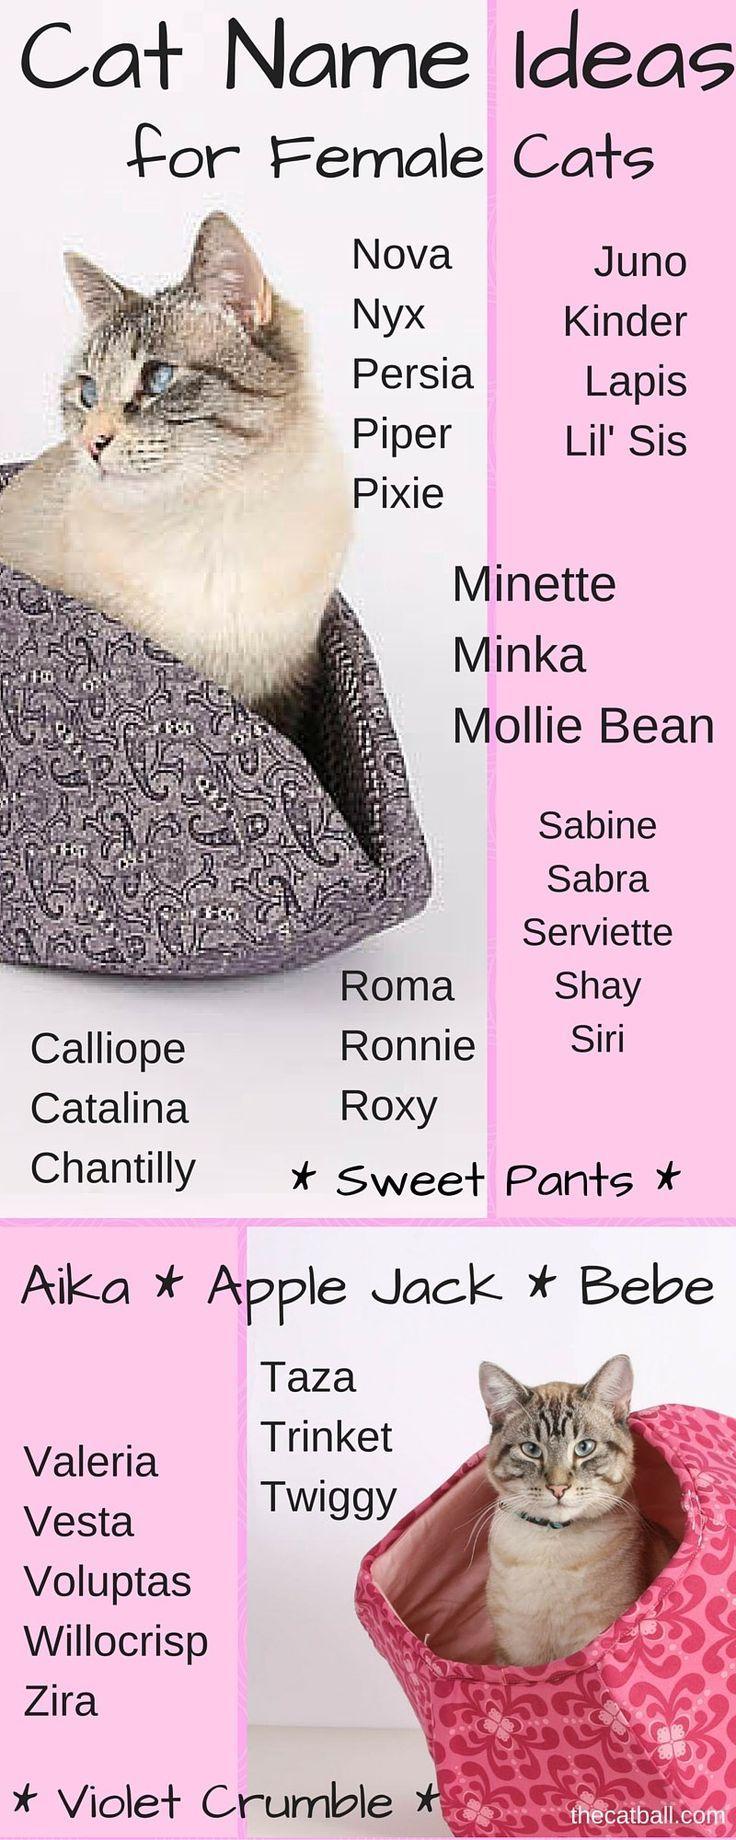 Cat Name Ideas for Female Cats Katzen namen, Katzennamen